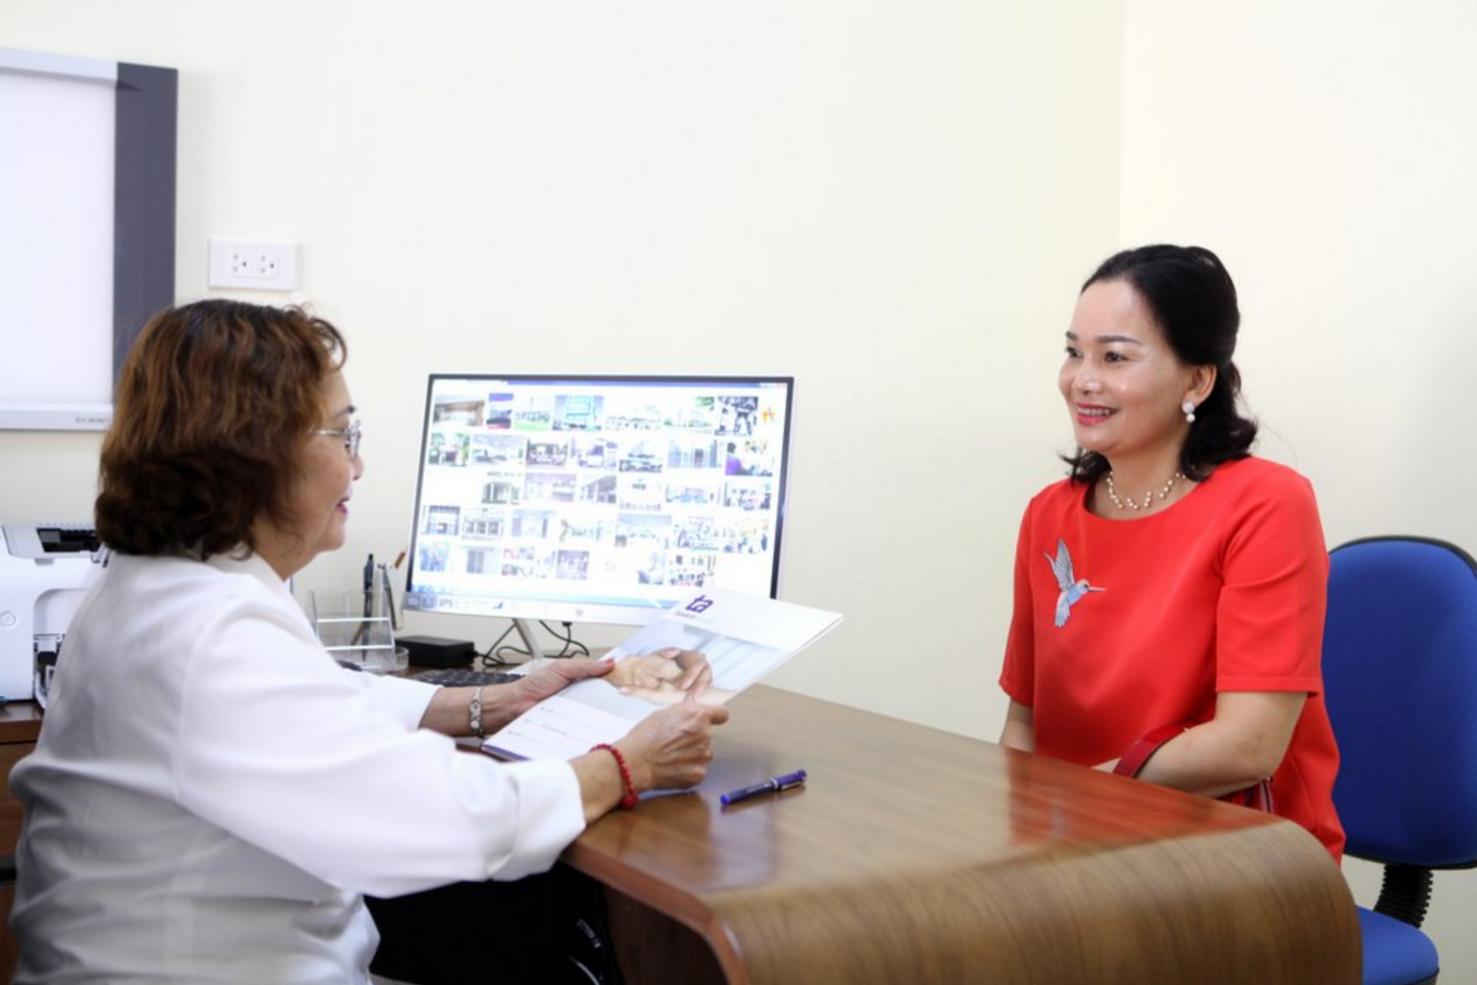 Tiến bộ y học giúp phụ nữ tuổi 45, 50 sinh con khỏe mạnh